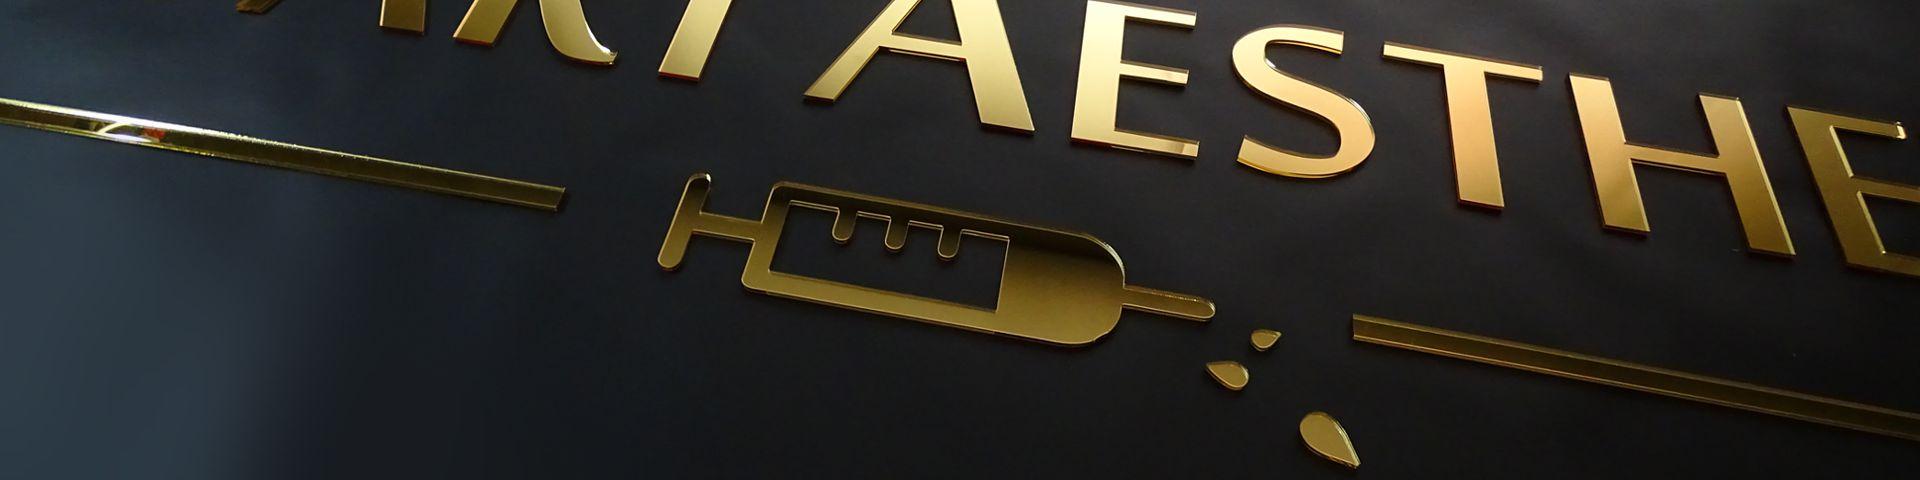 Logo ze złotego lustra pleksi reklama na ścianę